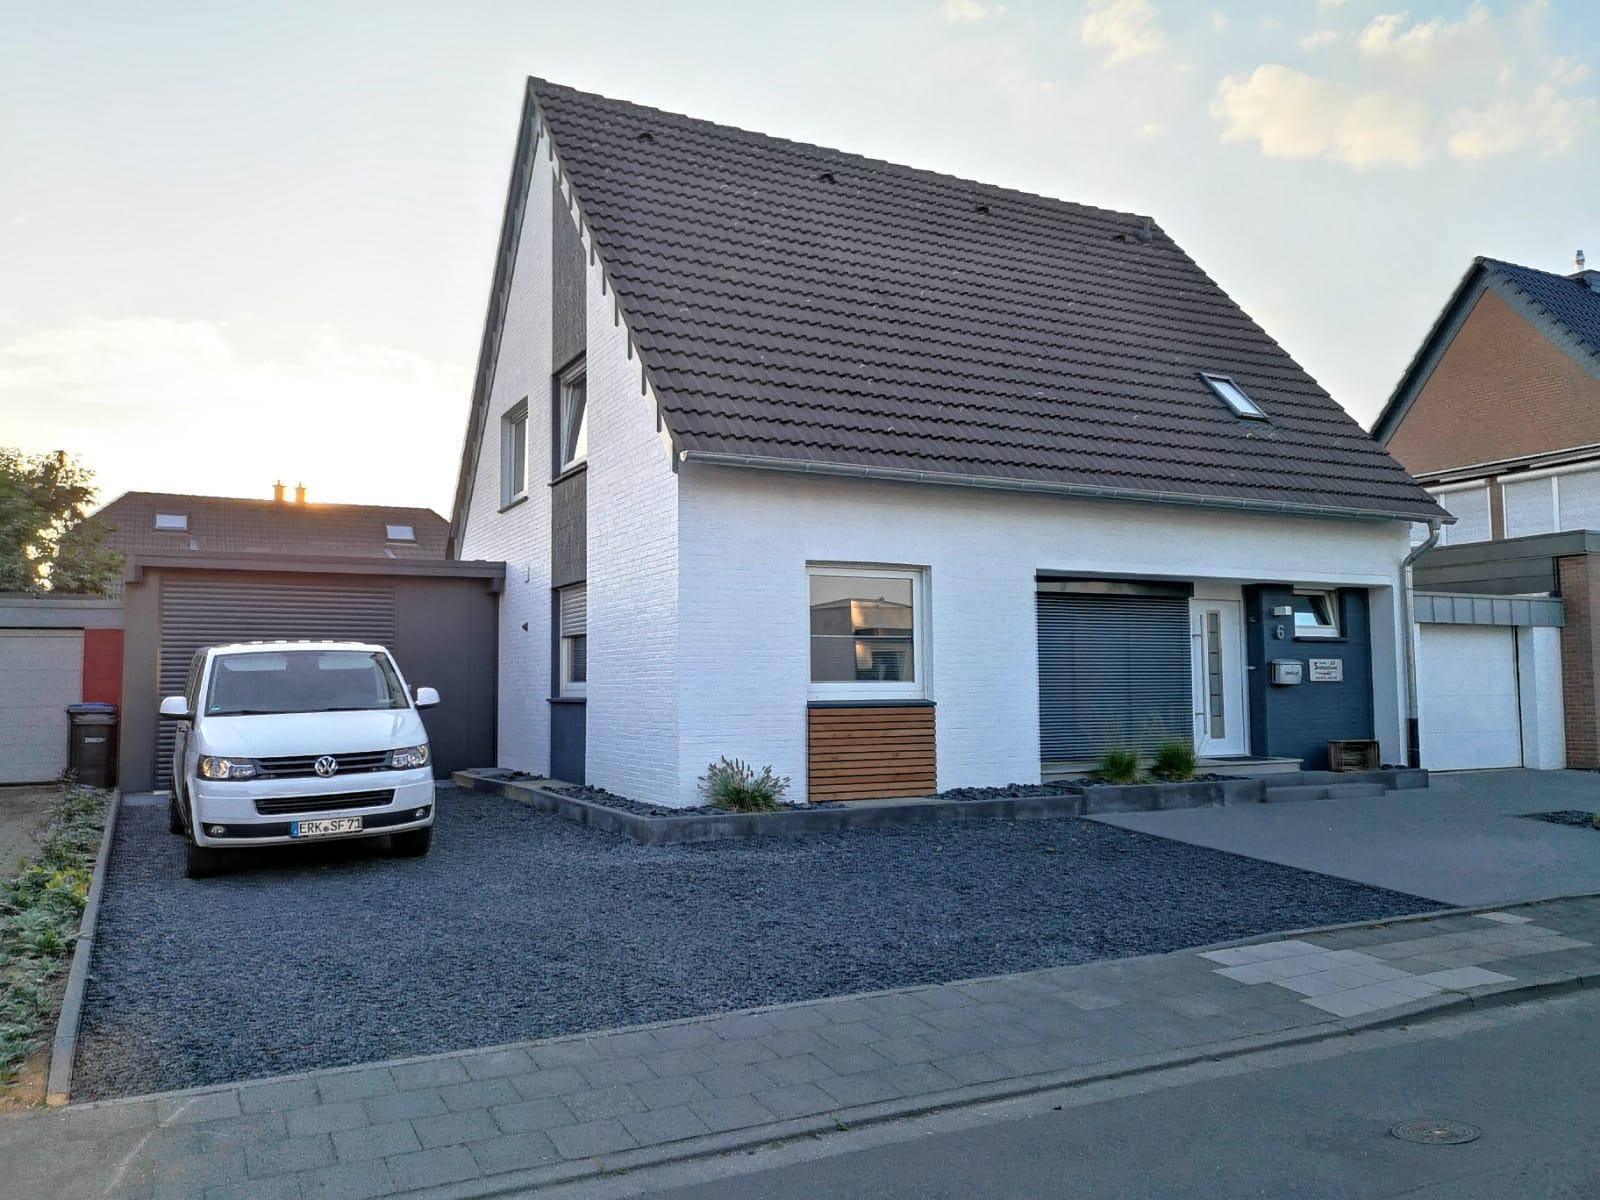 Haus Betrieb Heizung Sanitär Siebenhaar Erkelenz